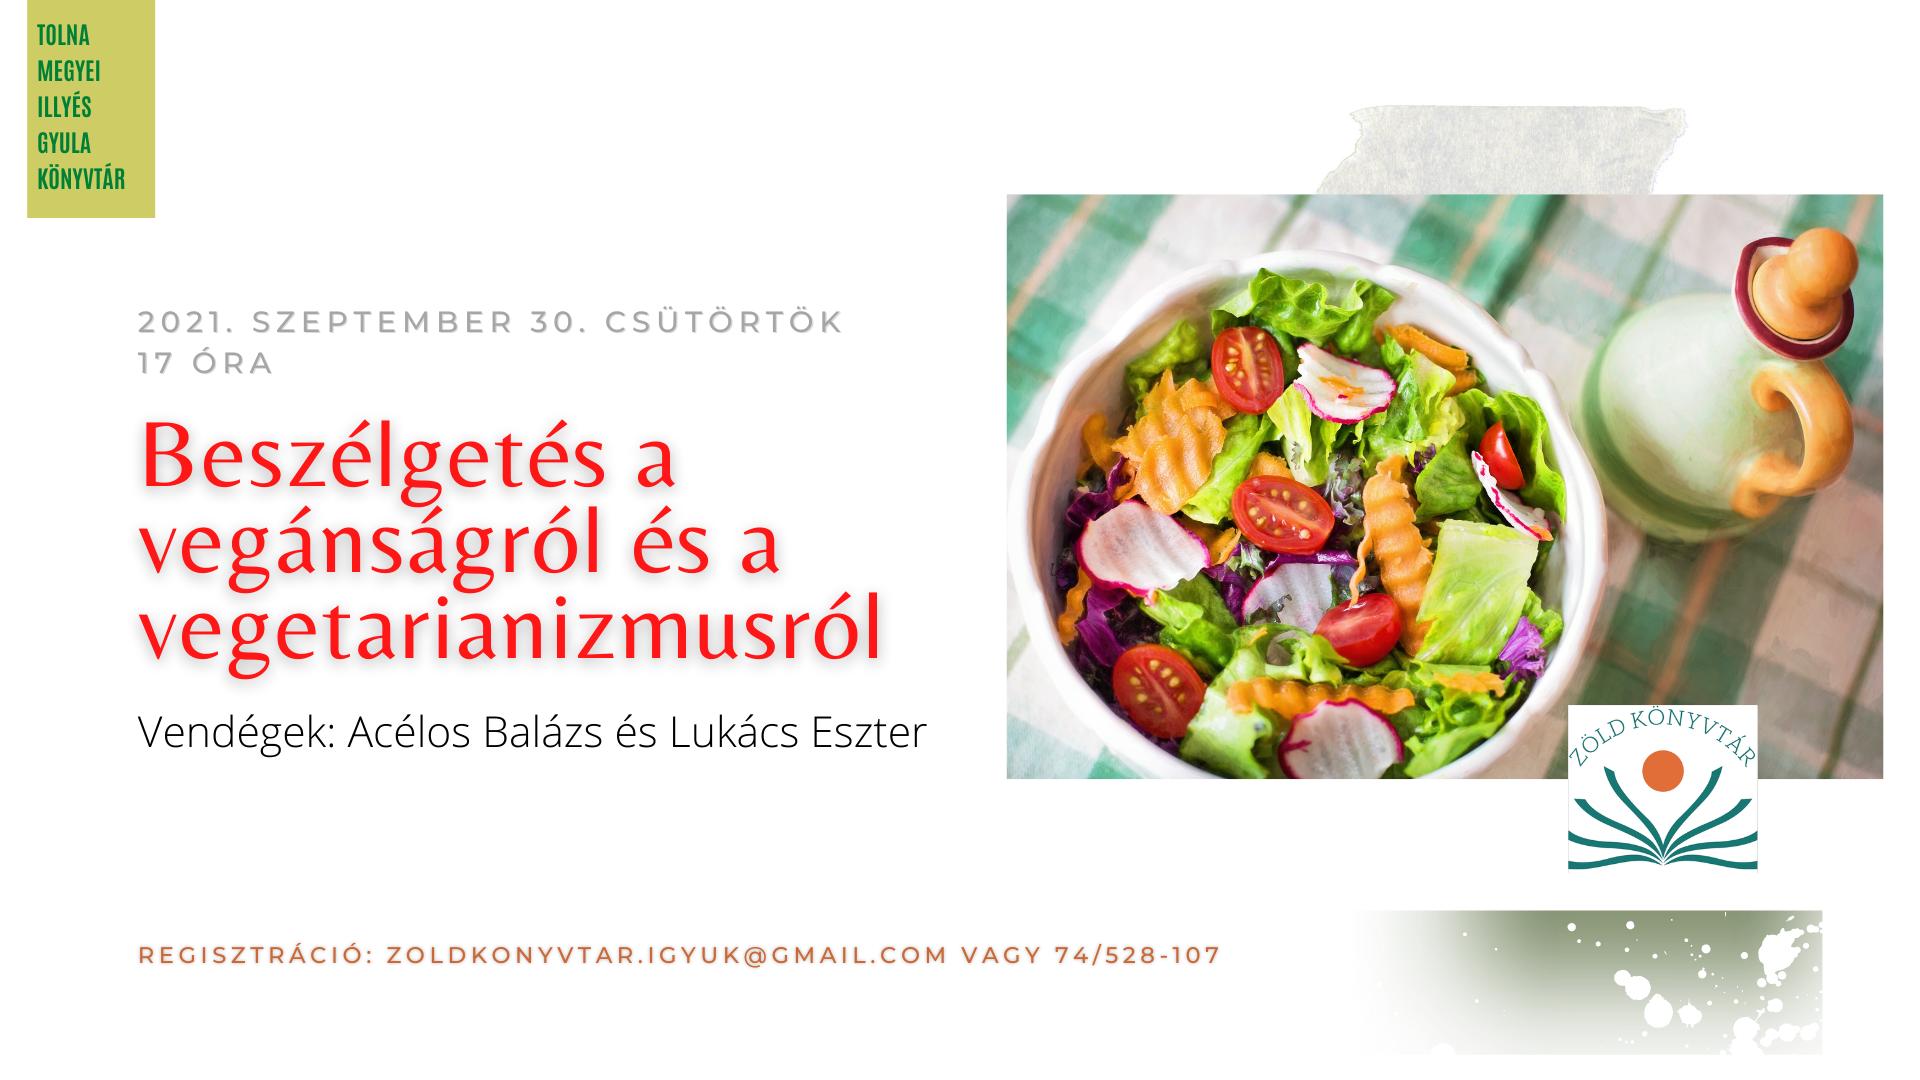 Beszélgetés a vegánságról és a vegetarianizmusról